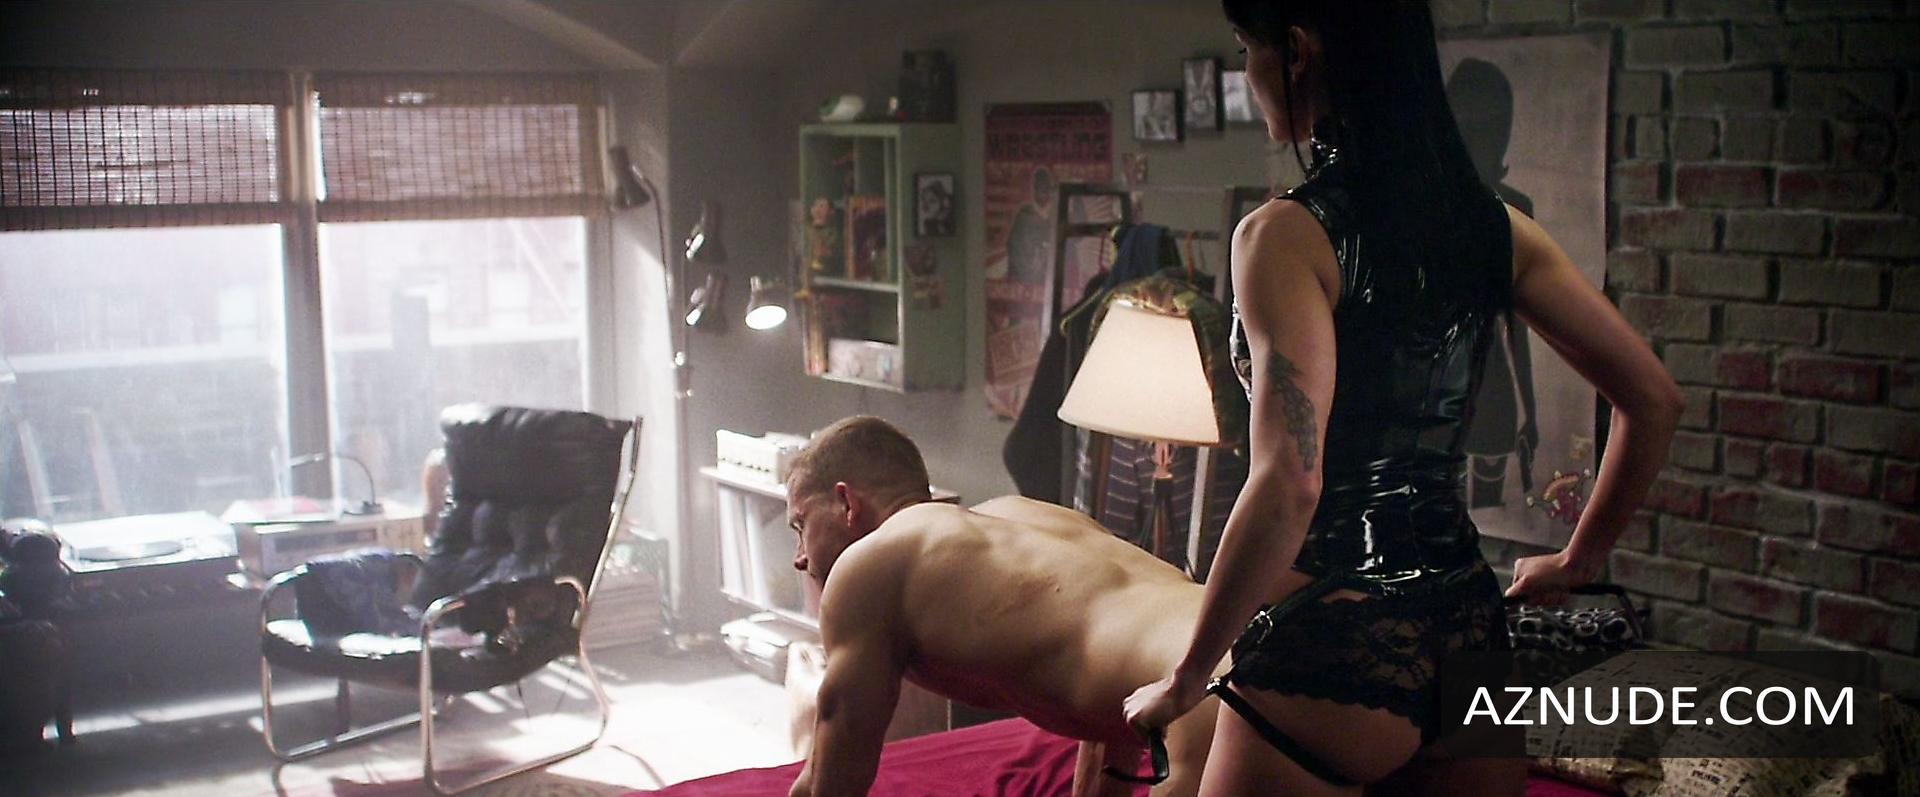 lohan naked scene Lindsay